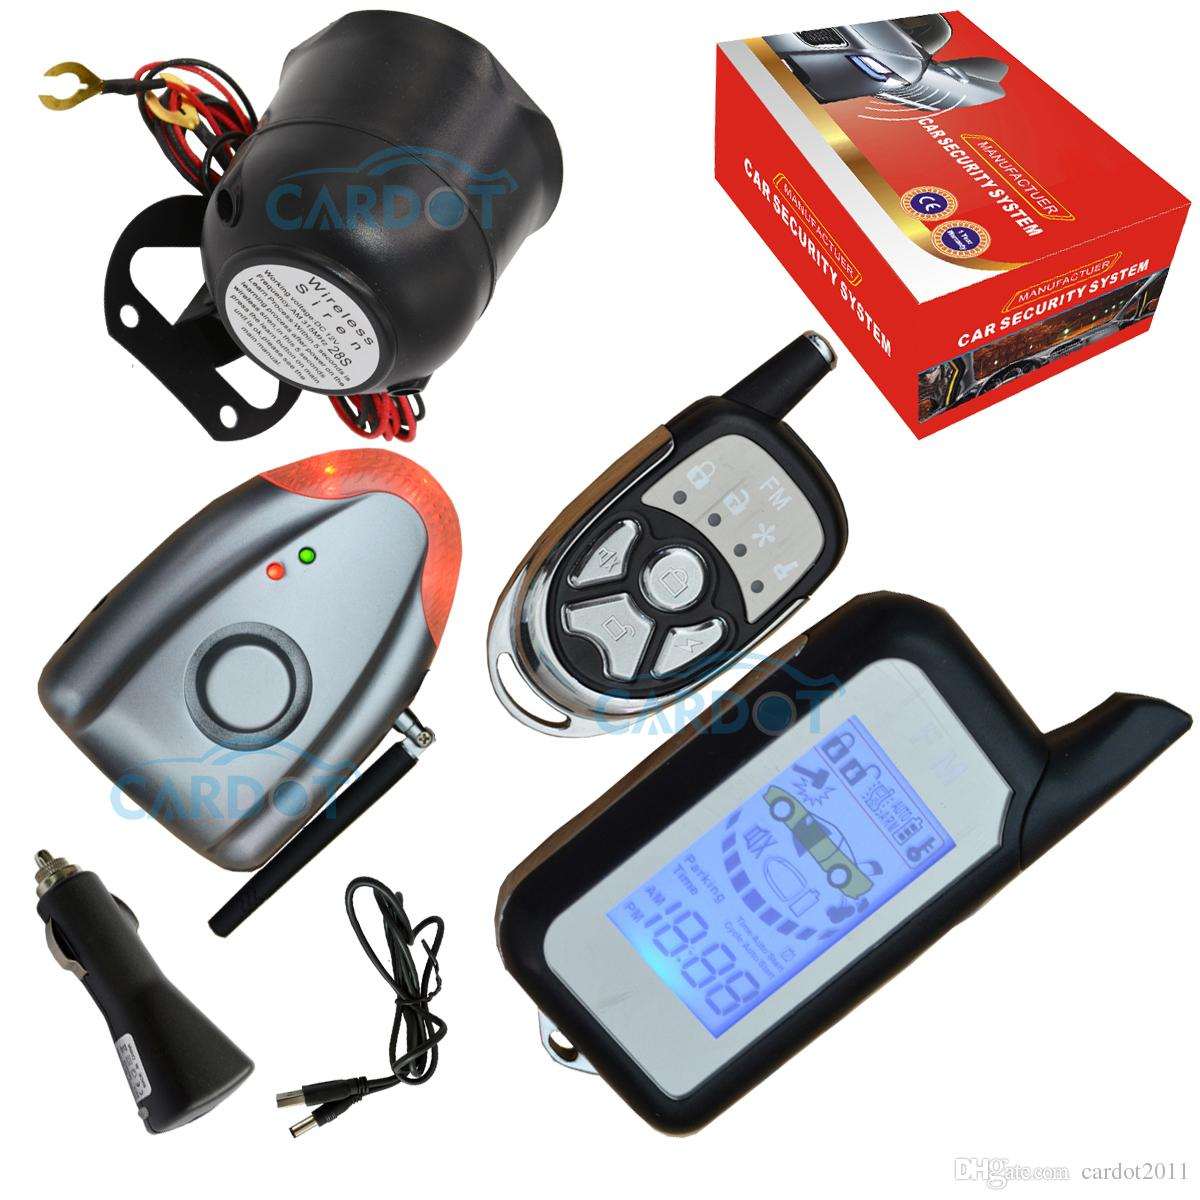 Großhandel Diy Auto Alarmanlage Ist Mit Luftdruckerkennung Alarm, Schock  Sensor Alarm, Keine Installation, Diy Modus, Drahtlose Sirene Alarm Von  Cardot2011, ...